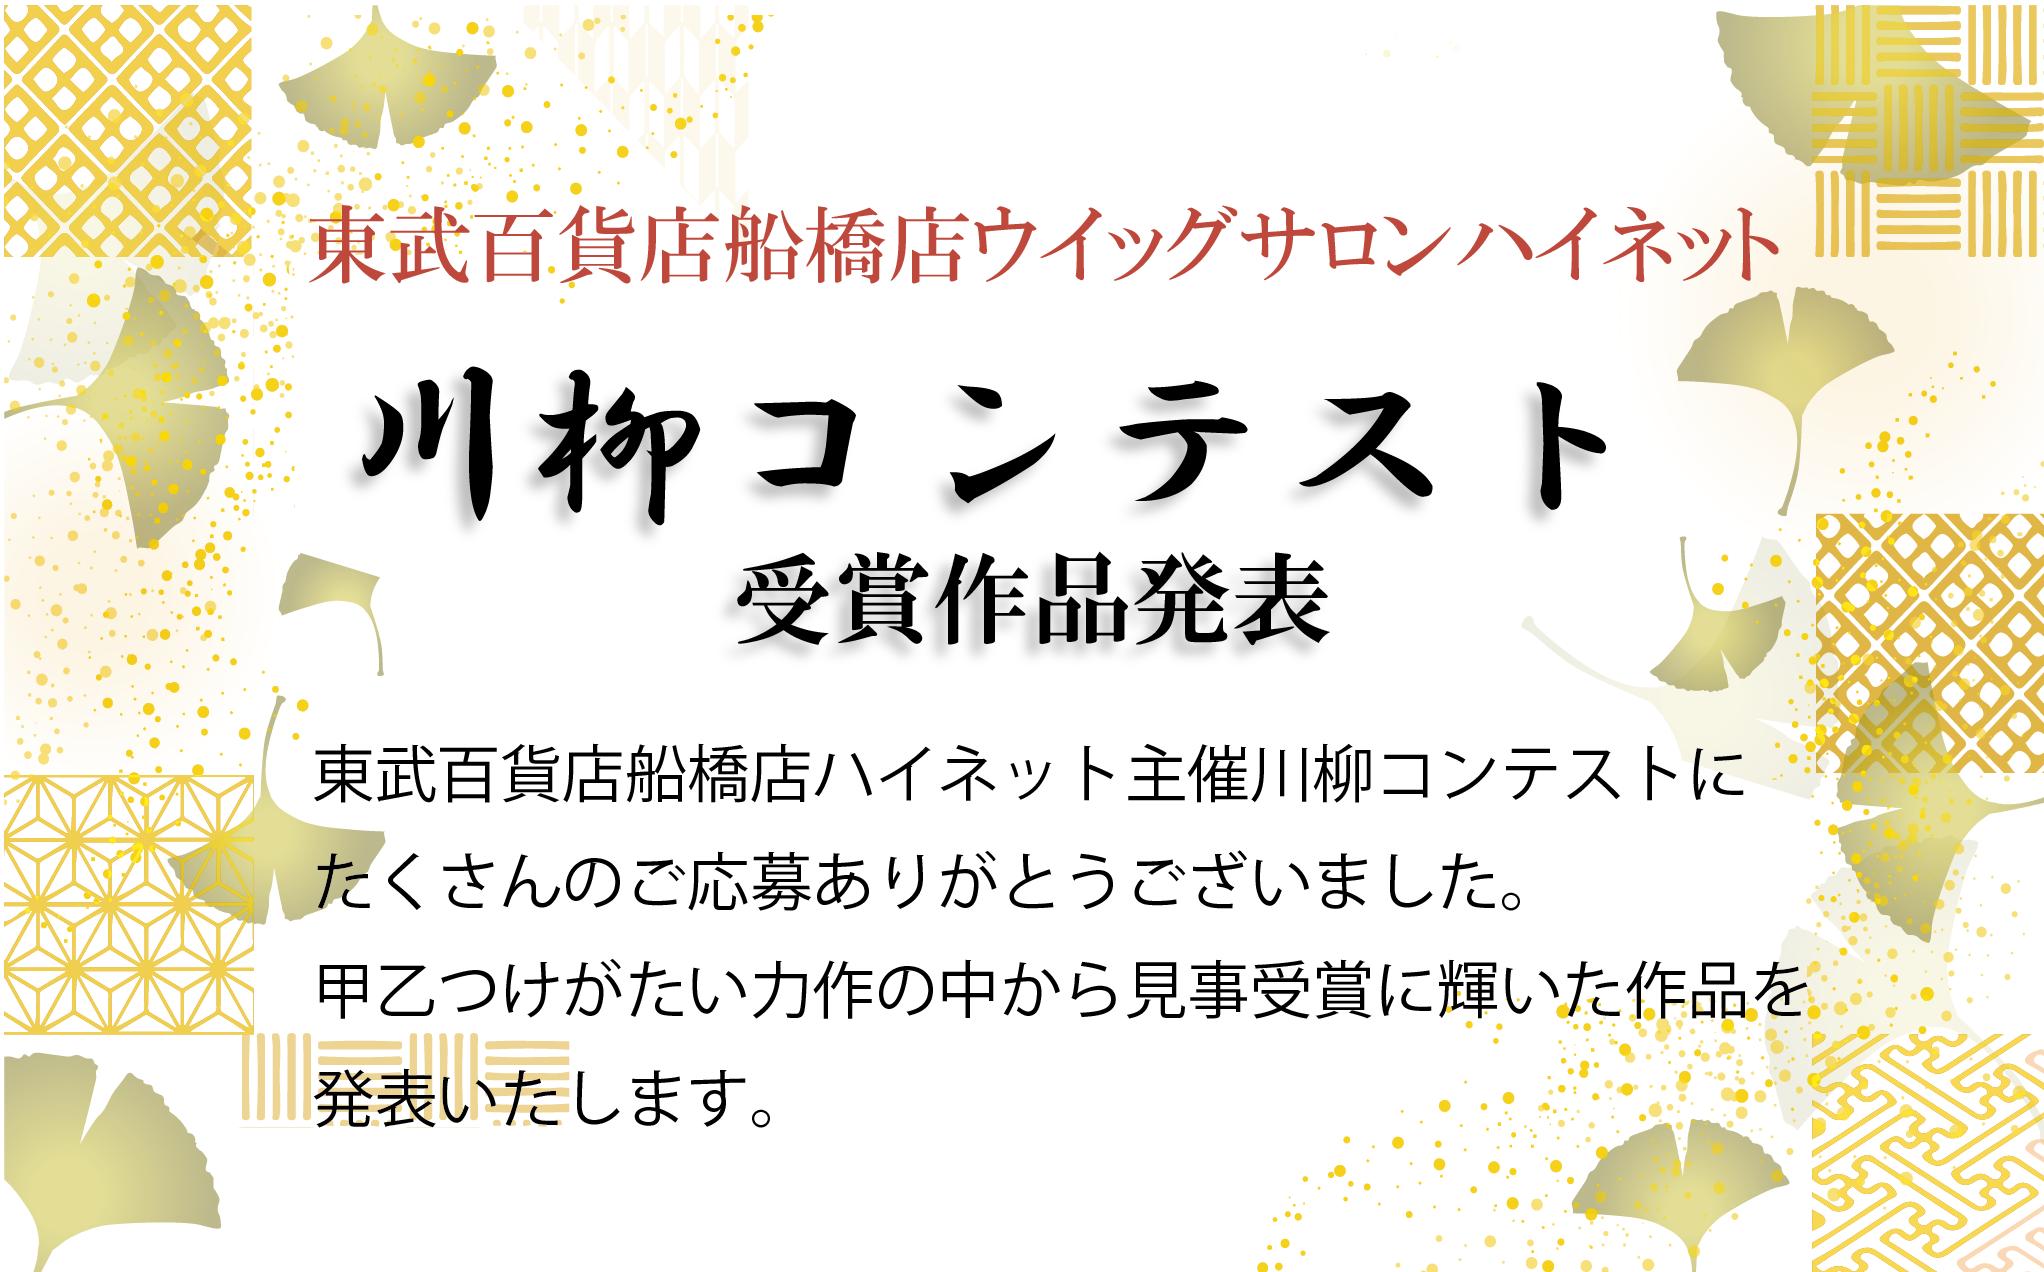 東武百貨店船橋店川柳コンテスト受賞作品発表